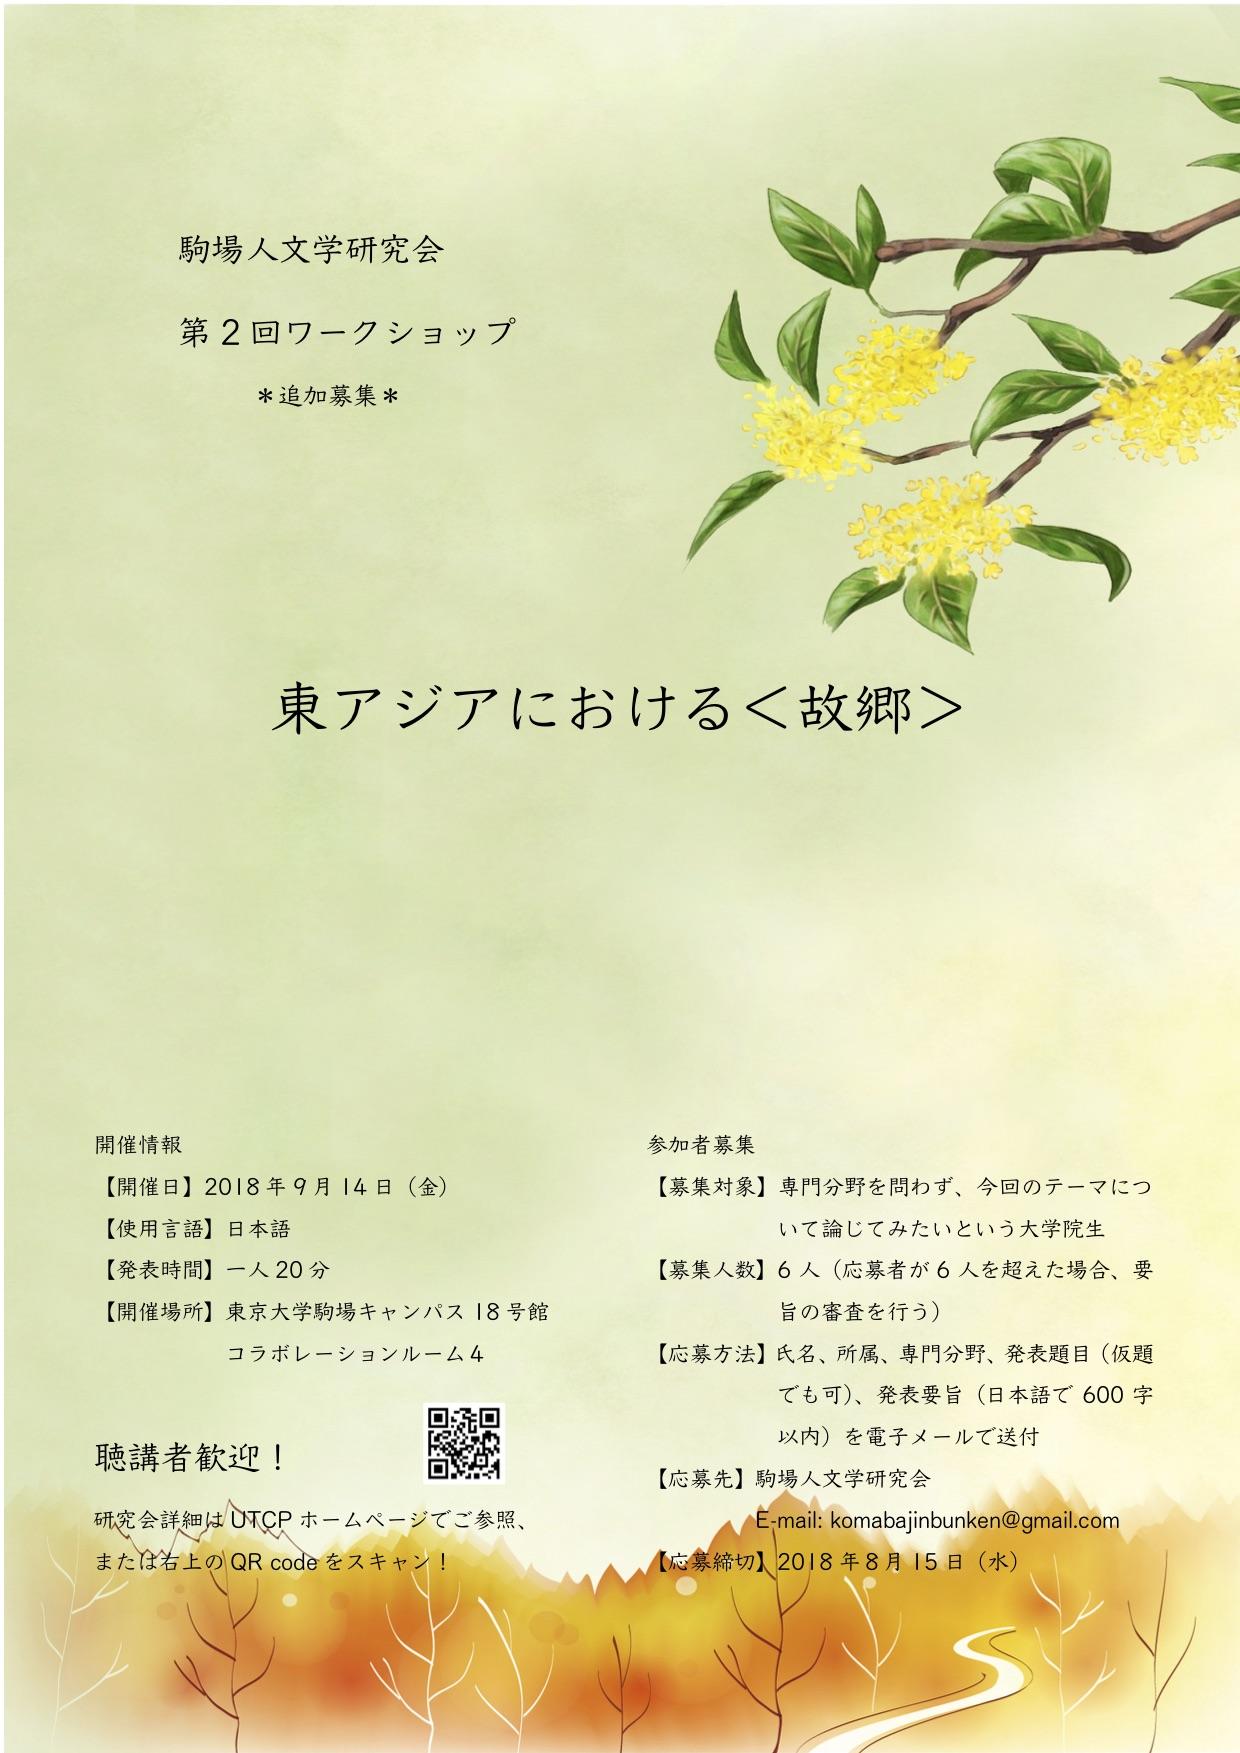 poster_180914_2.jpg